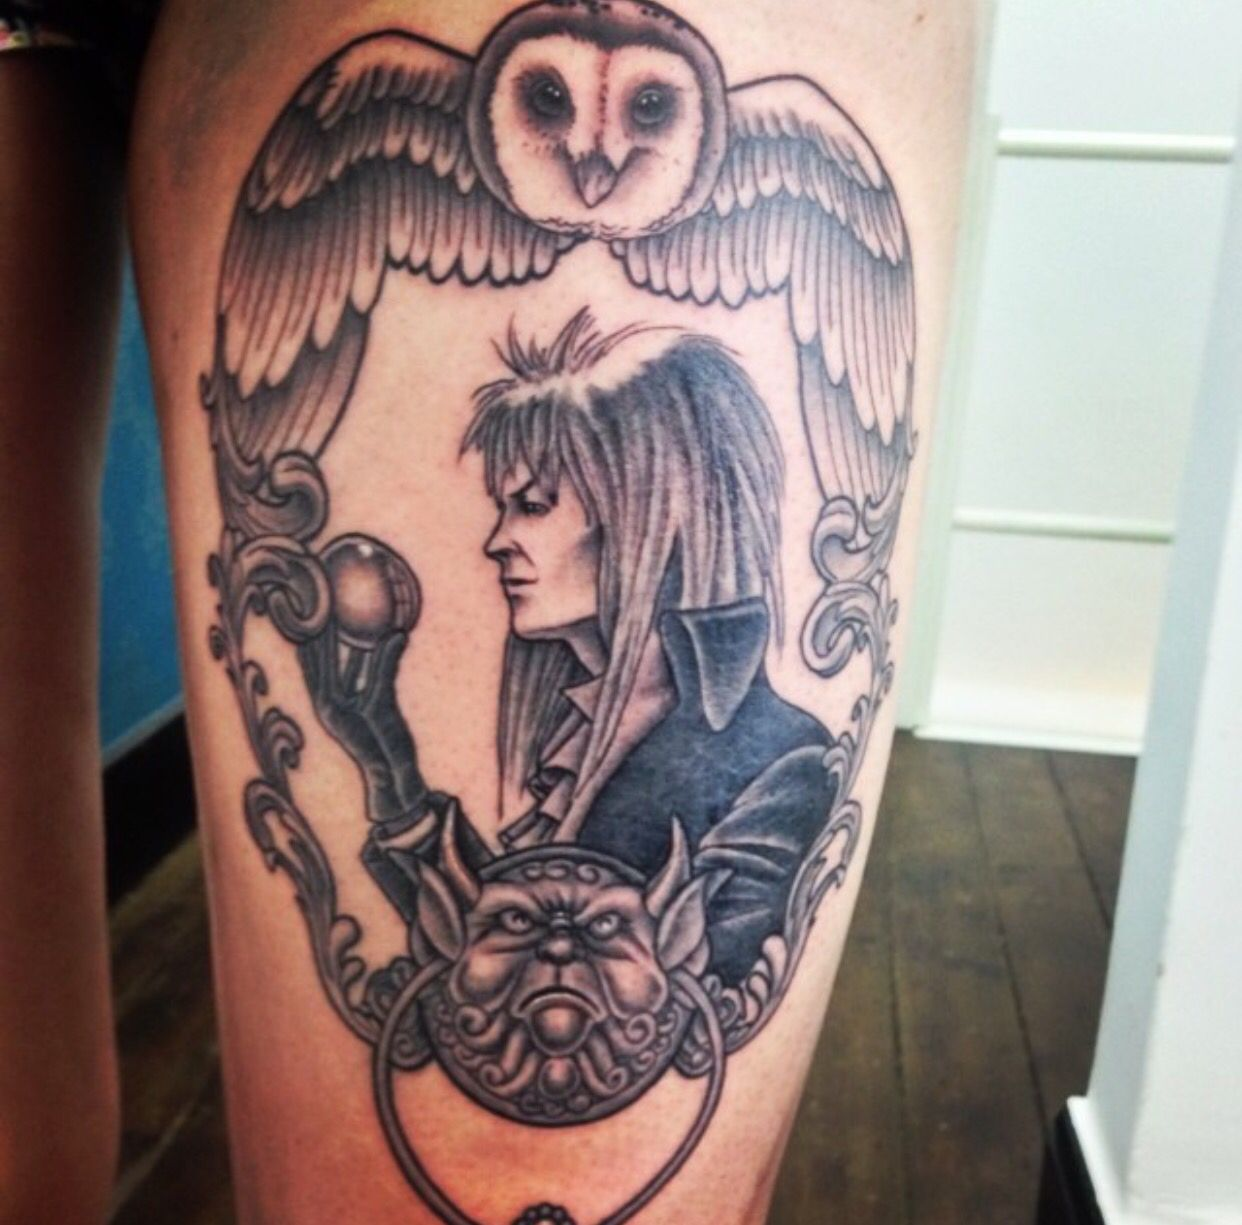 labyrinth tattoo - Google Search | Inks | Pinterest ... Labyrinth Owl Tattoo